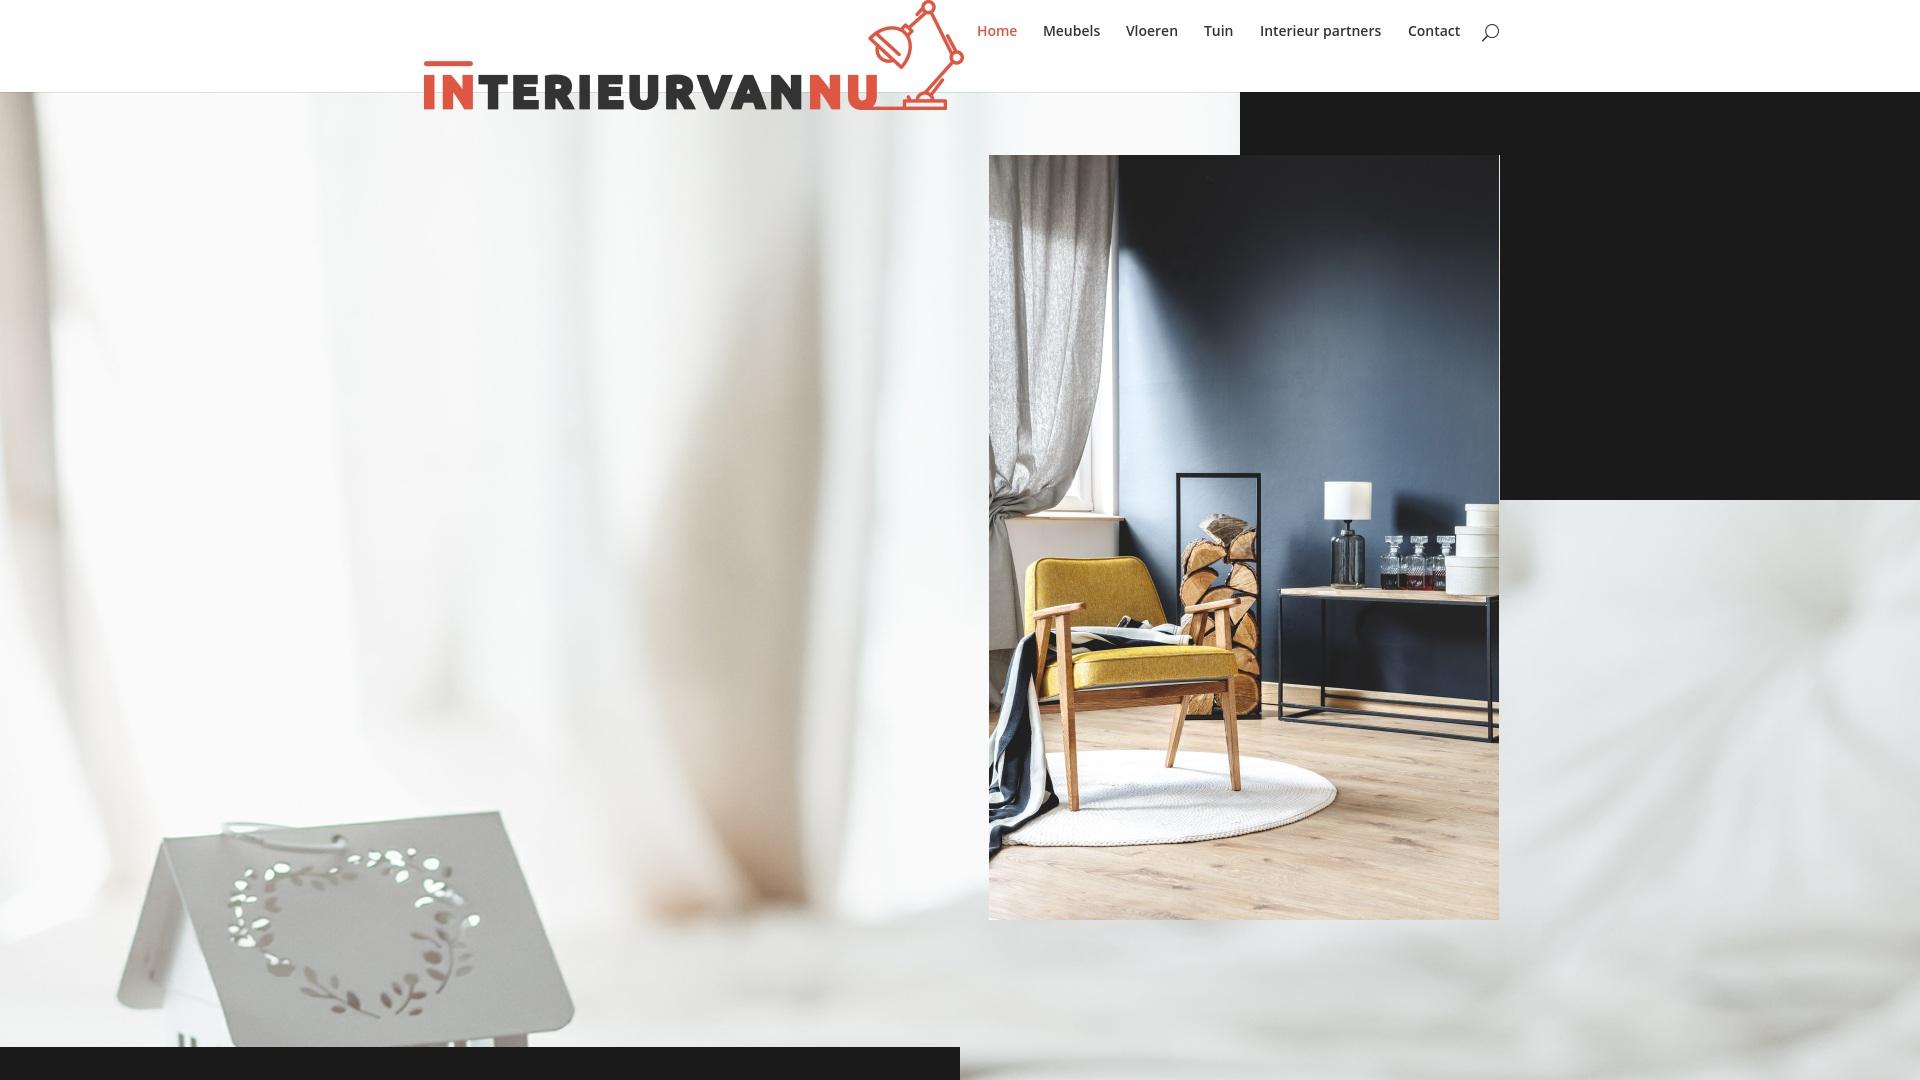 Gutschein für Interieurvannu: Rabatte für  Interieurvannu sichern